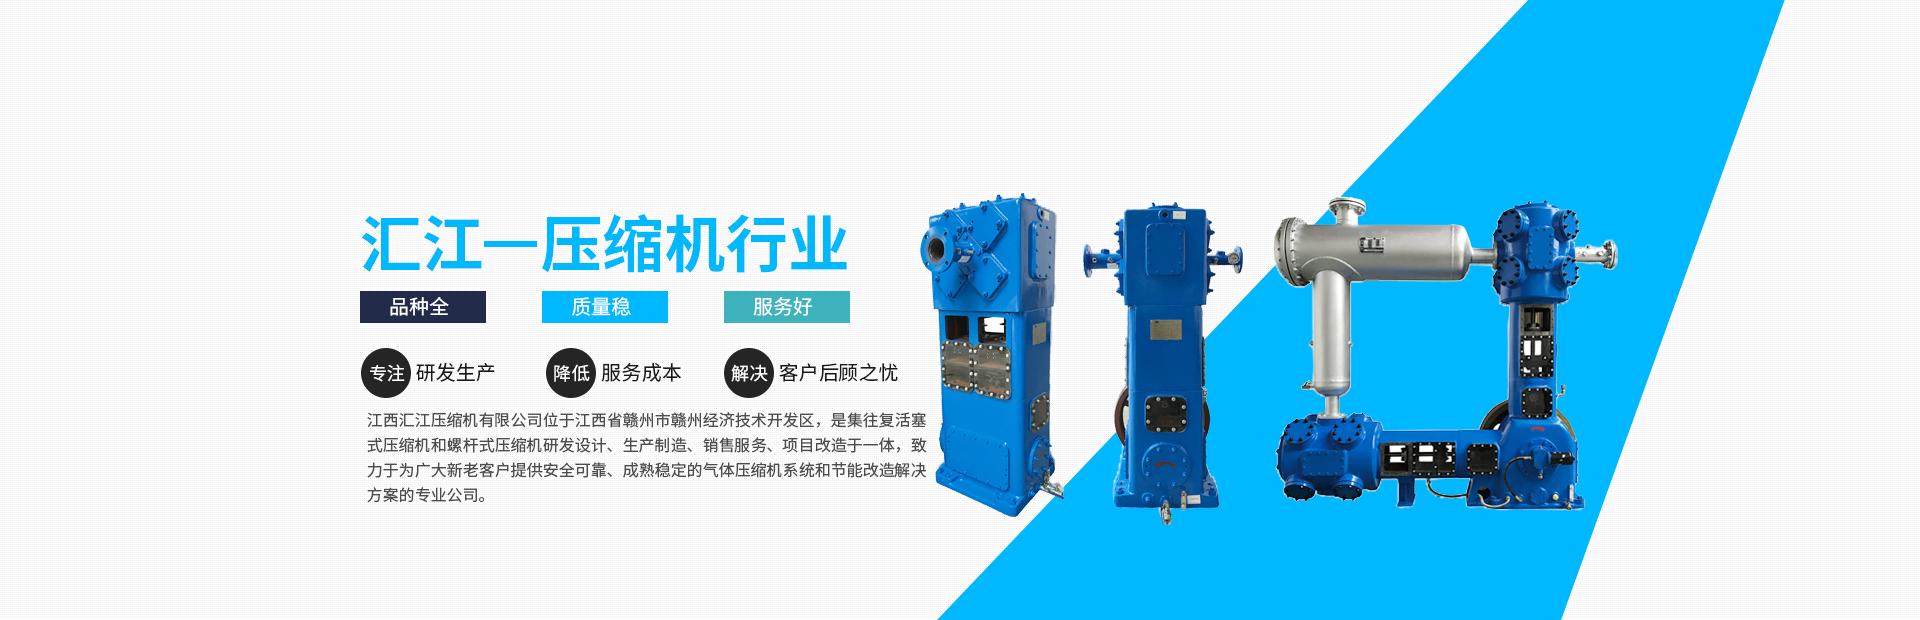 工艺气体压缩机